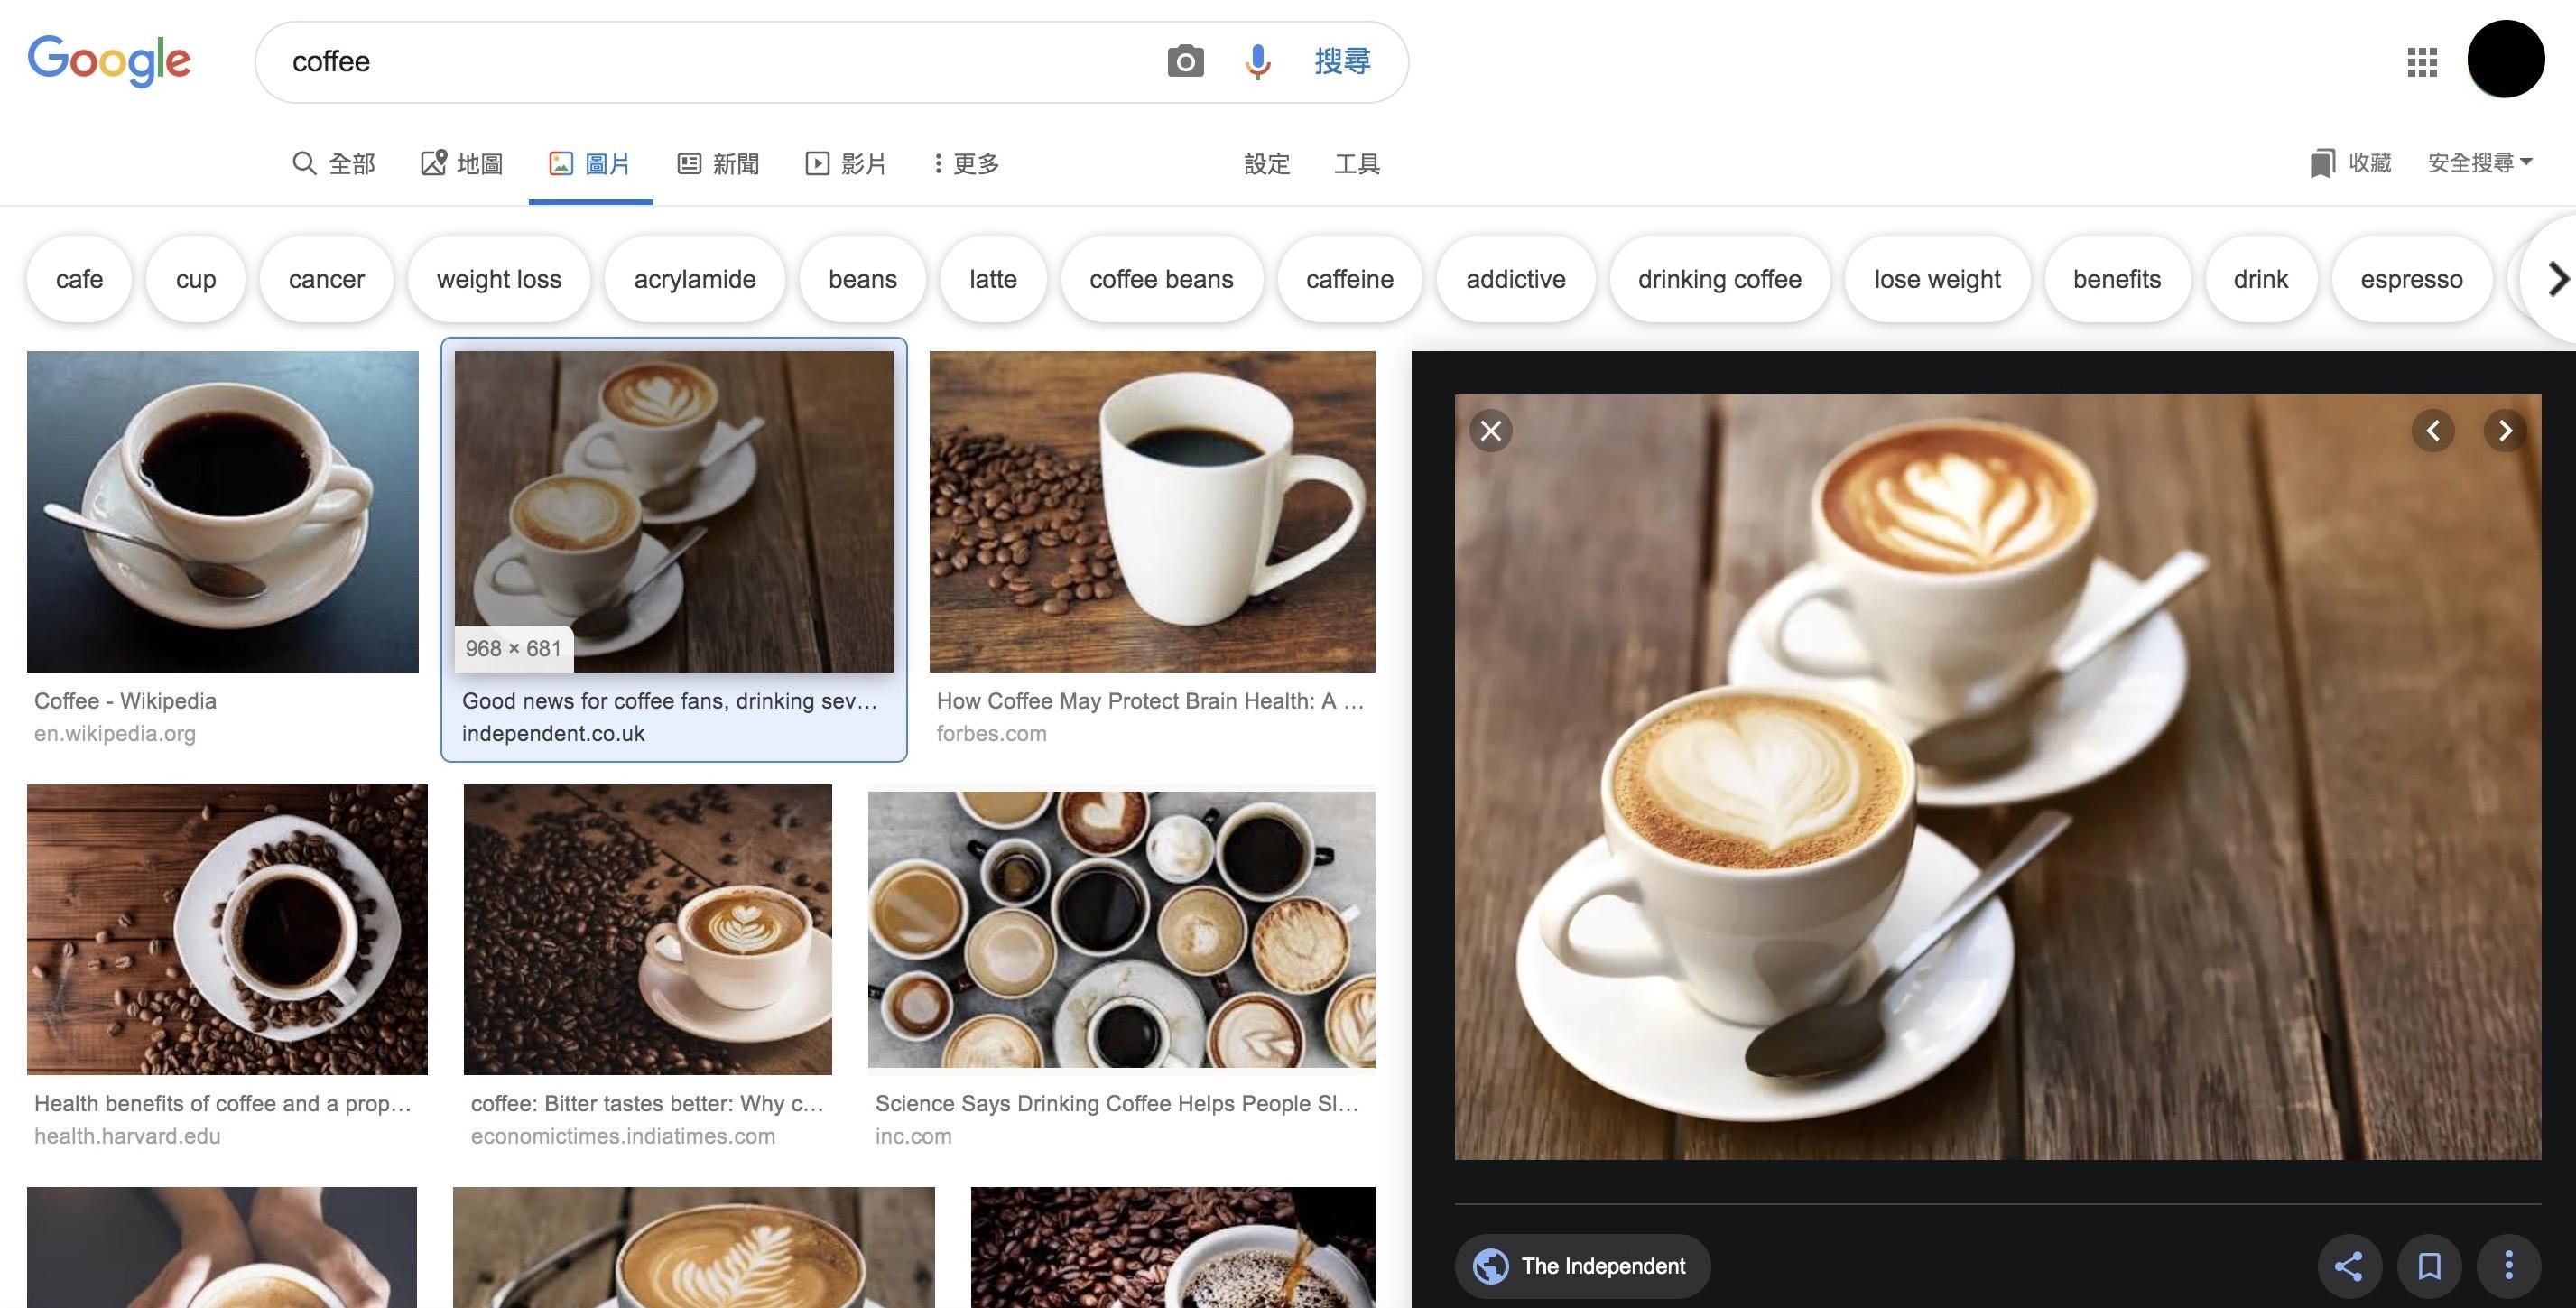 Google搜圖引擎-新版預覽窗格 鯊客科技SEO優化網路行銷公司